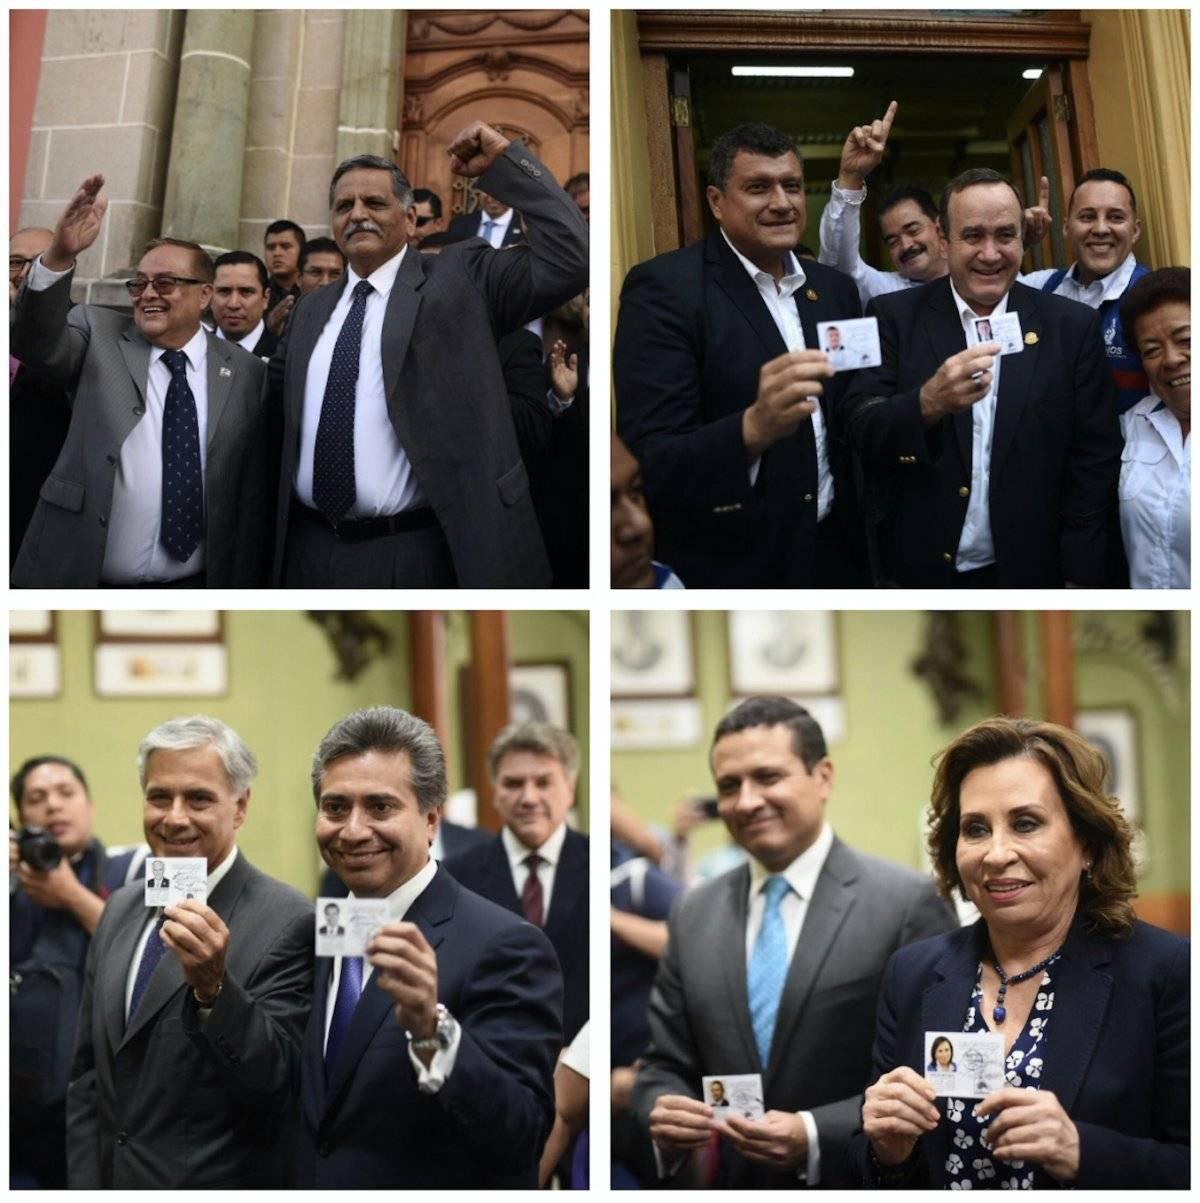 Binomios presidenciales